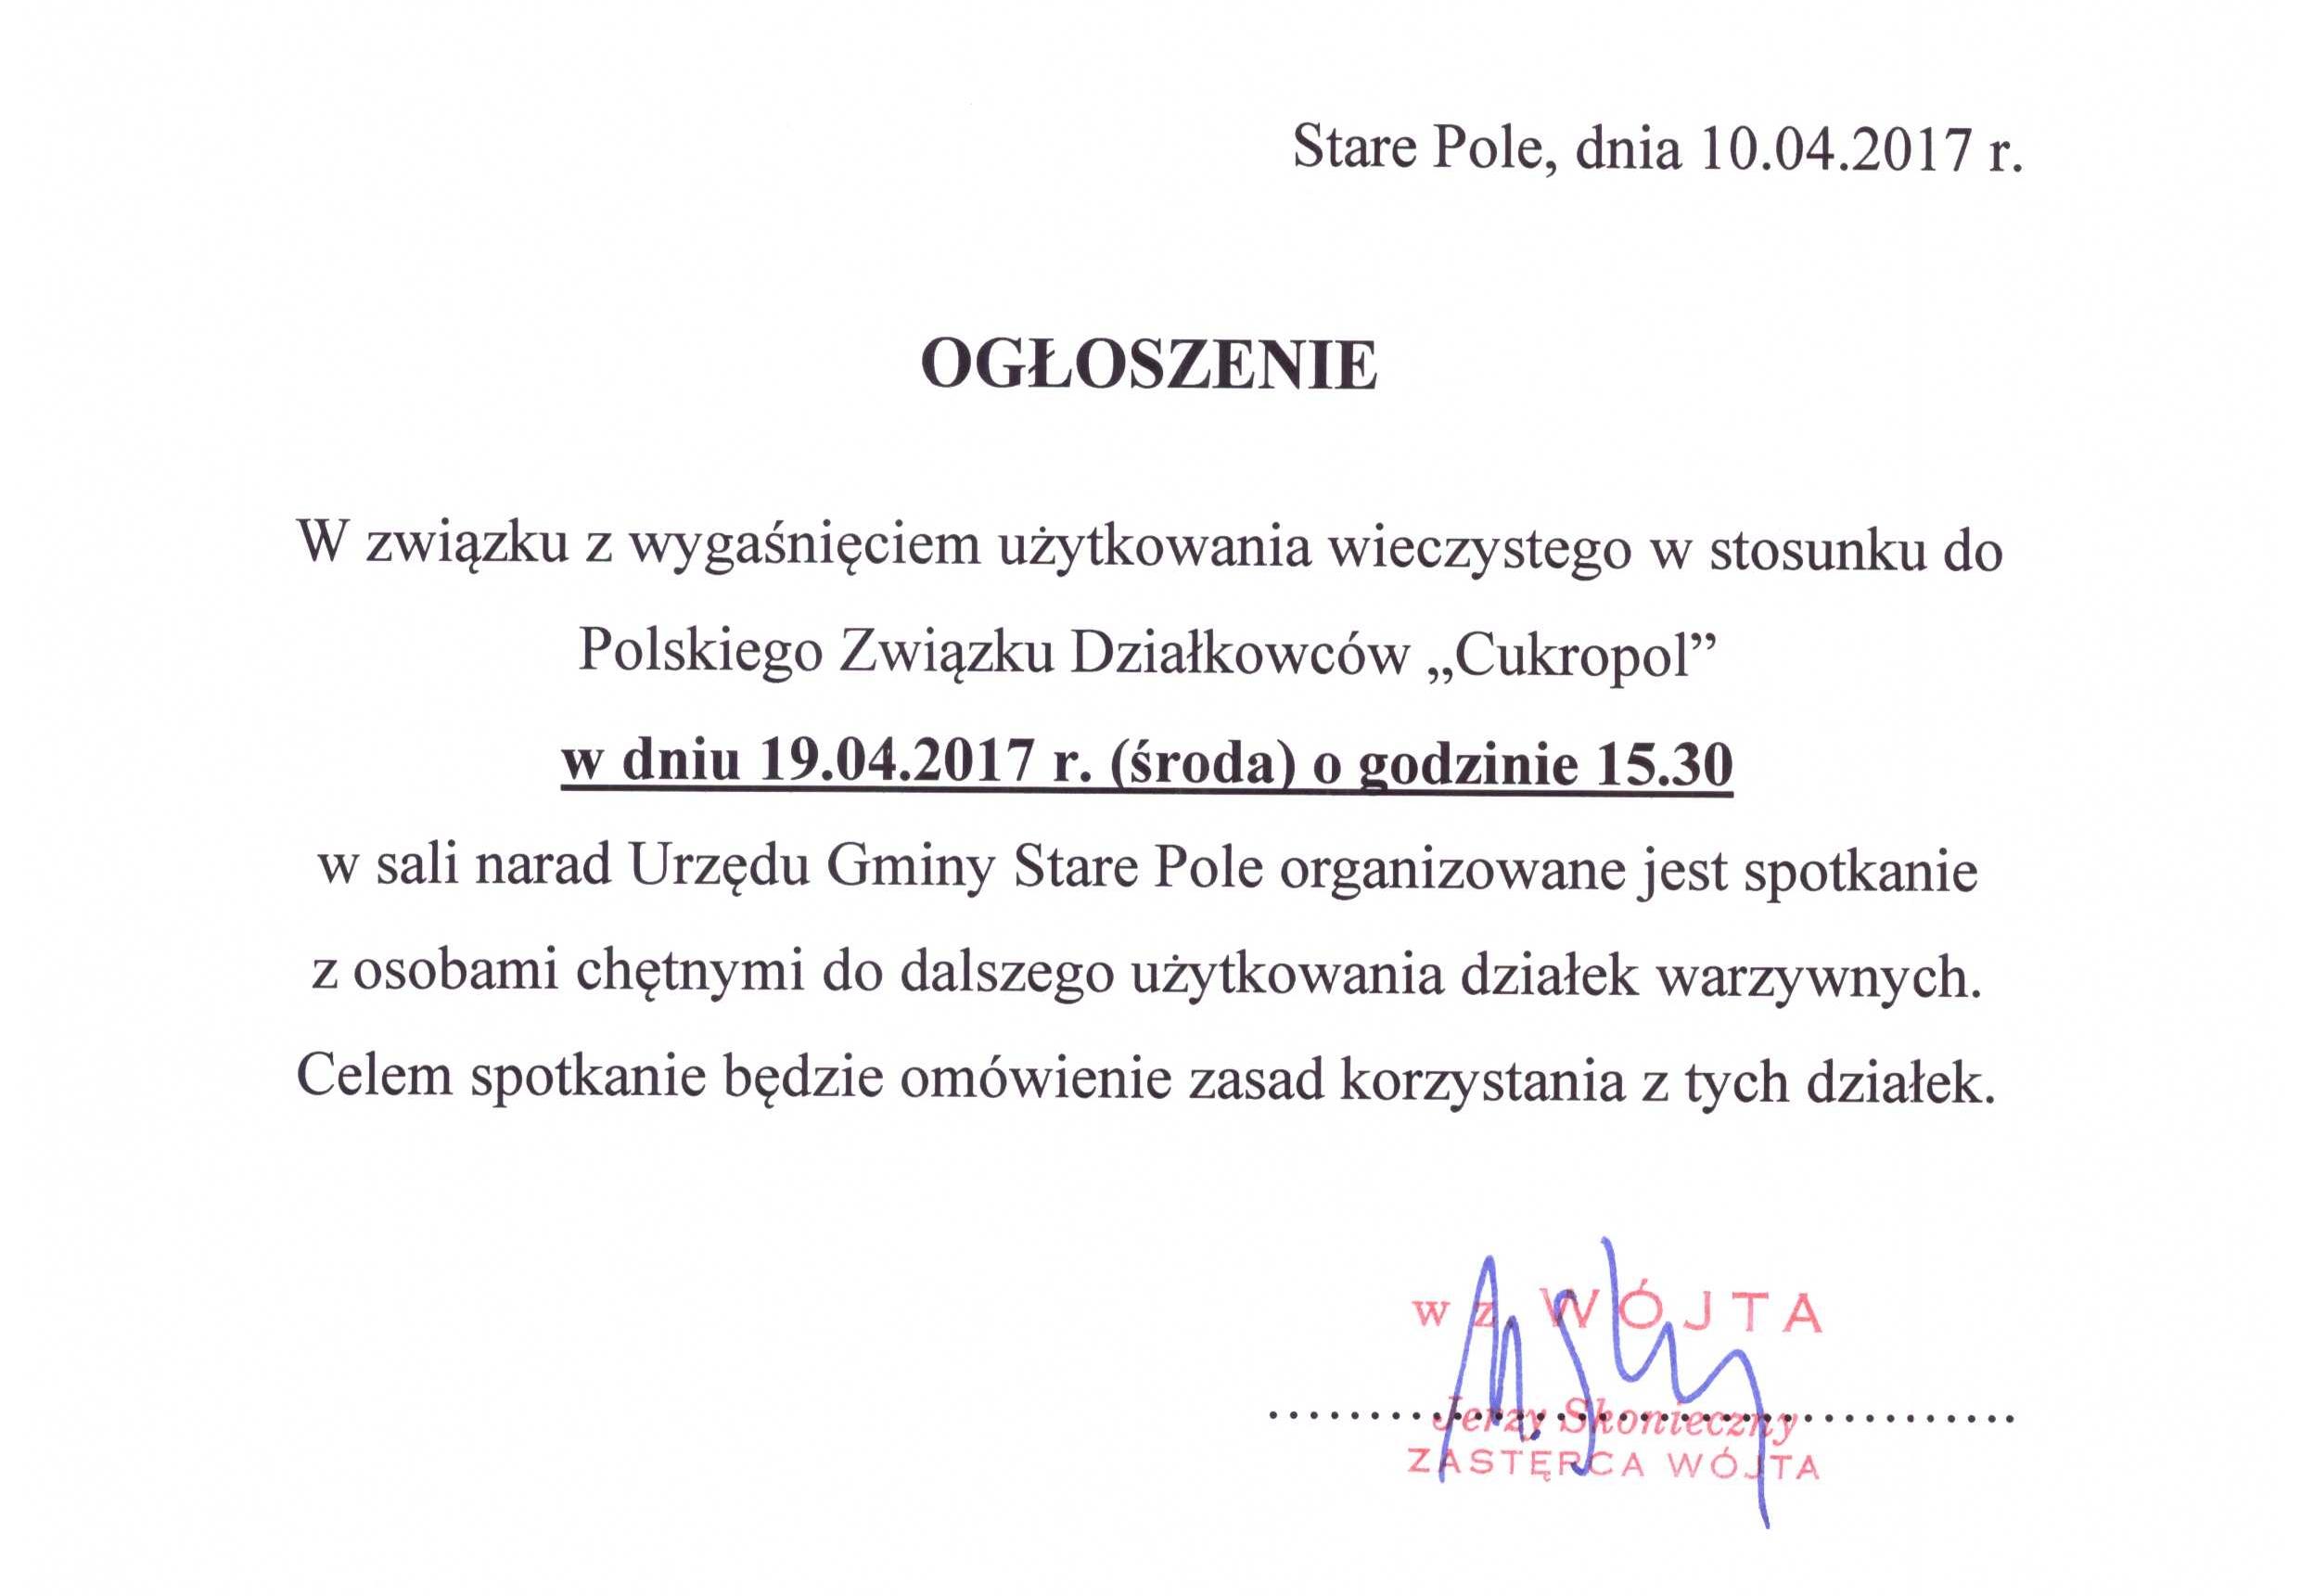 Ogłoszenie Wójta Gminy Stare Pole z dnia 10 kwietnia 2017 r.